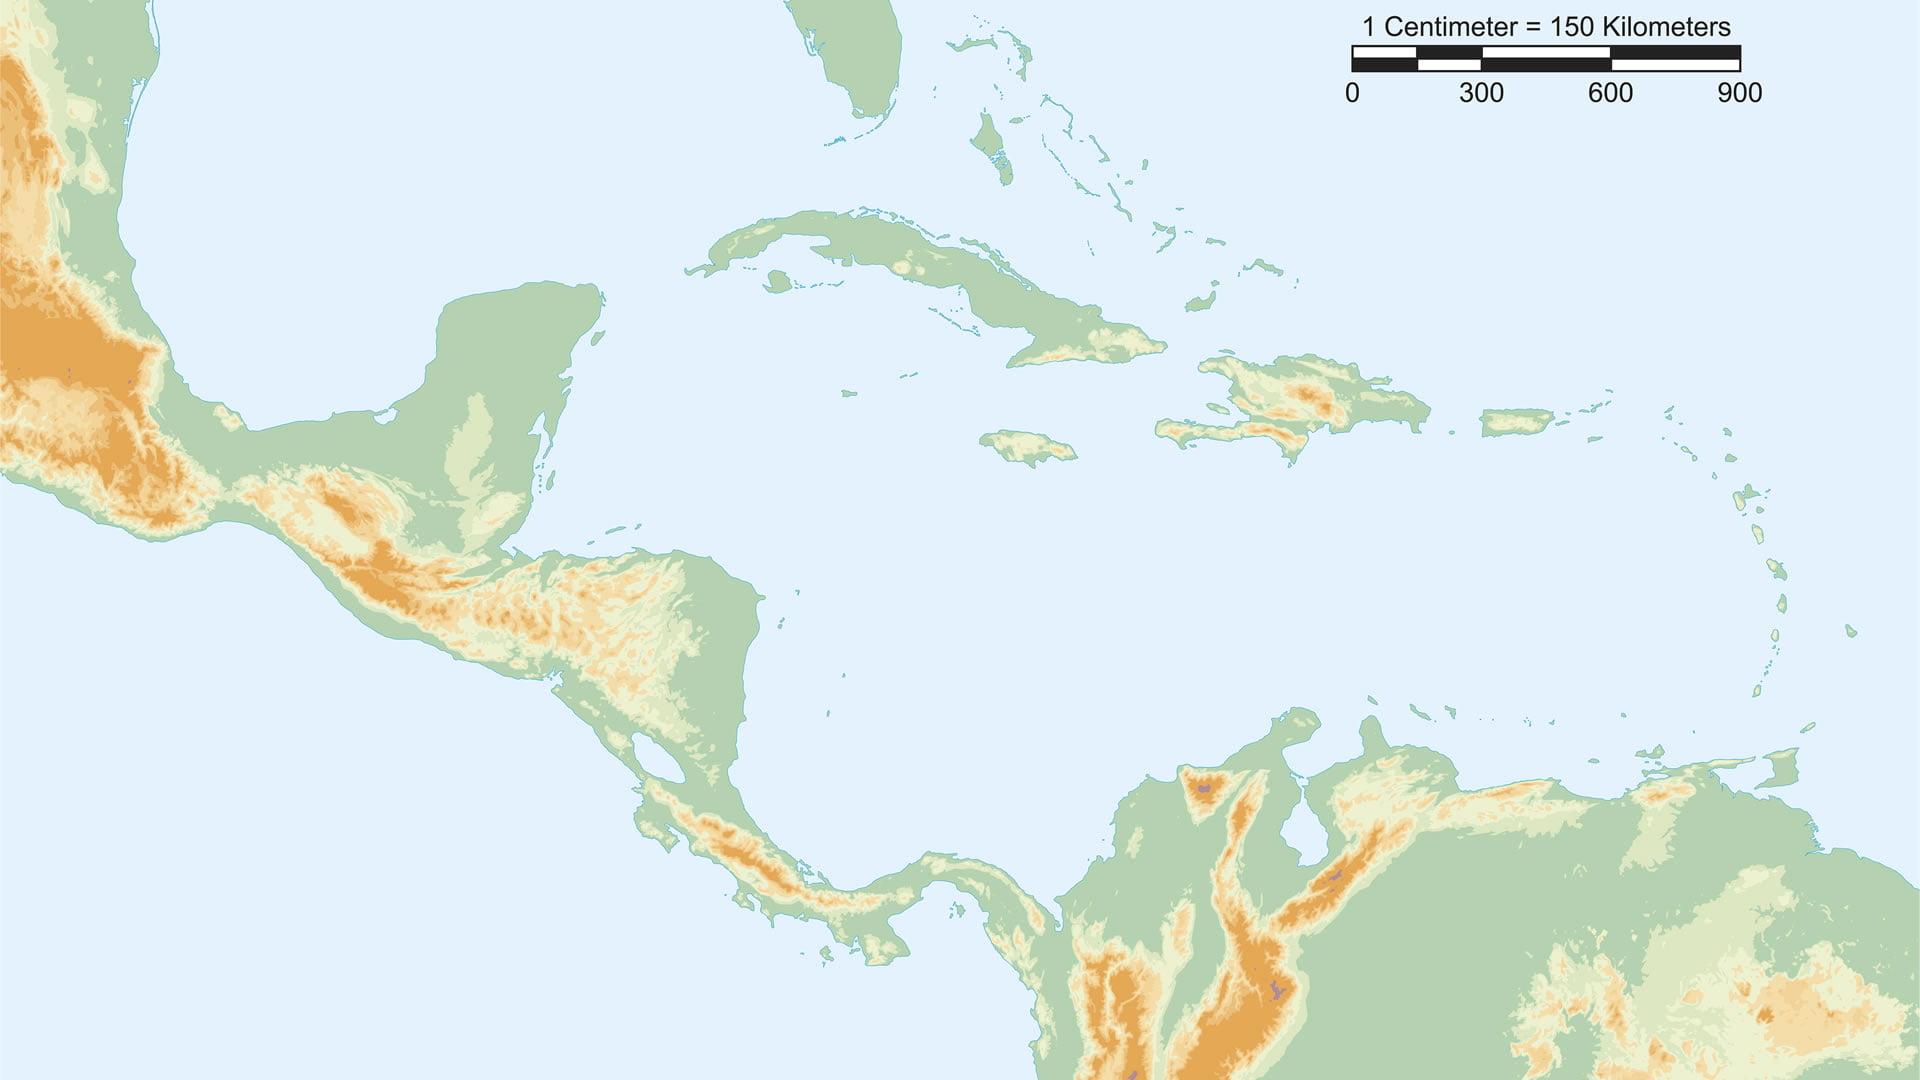 Mapa físico de Centroamérica con escala